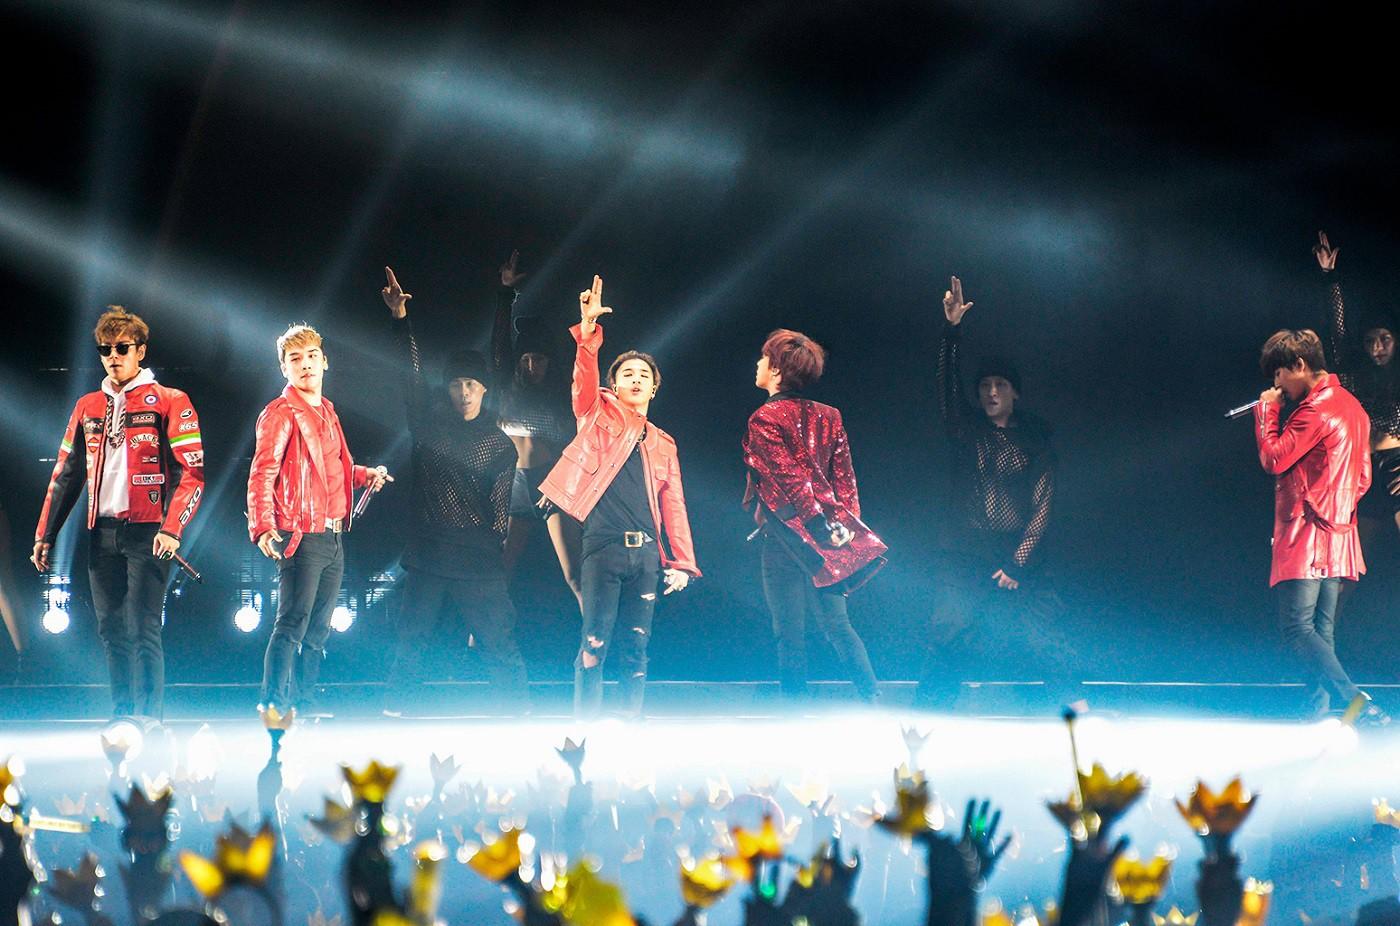 Thế hệ thứ 2 của Kpop chính thức khép màn, tạm biệt những công thần một thời hoàng kim - Ảnh 11.